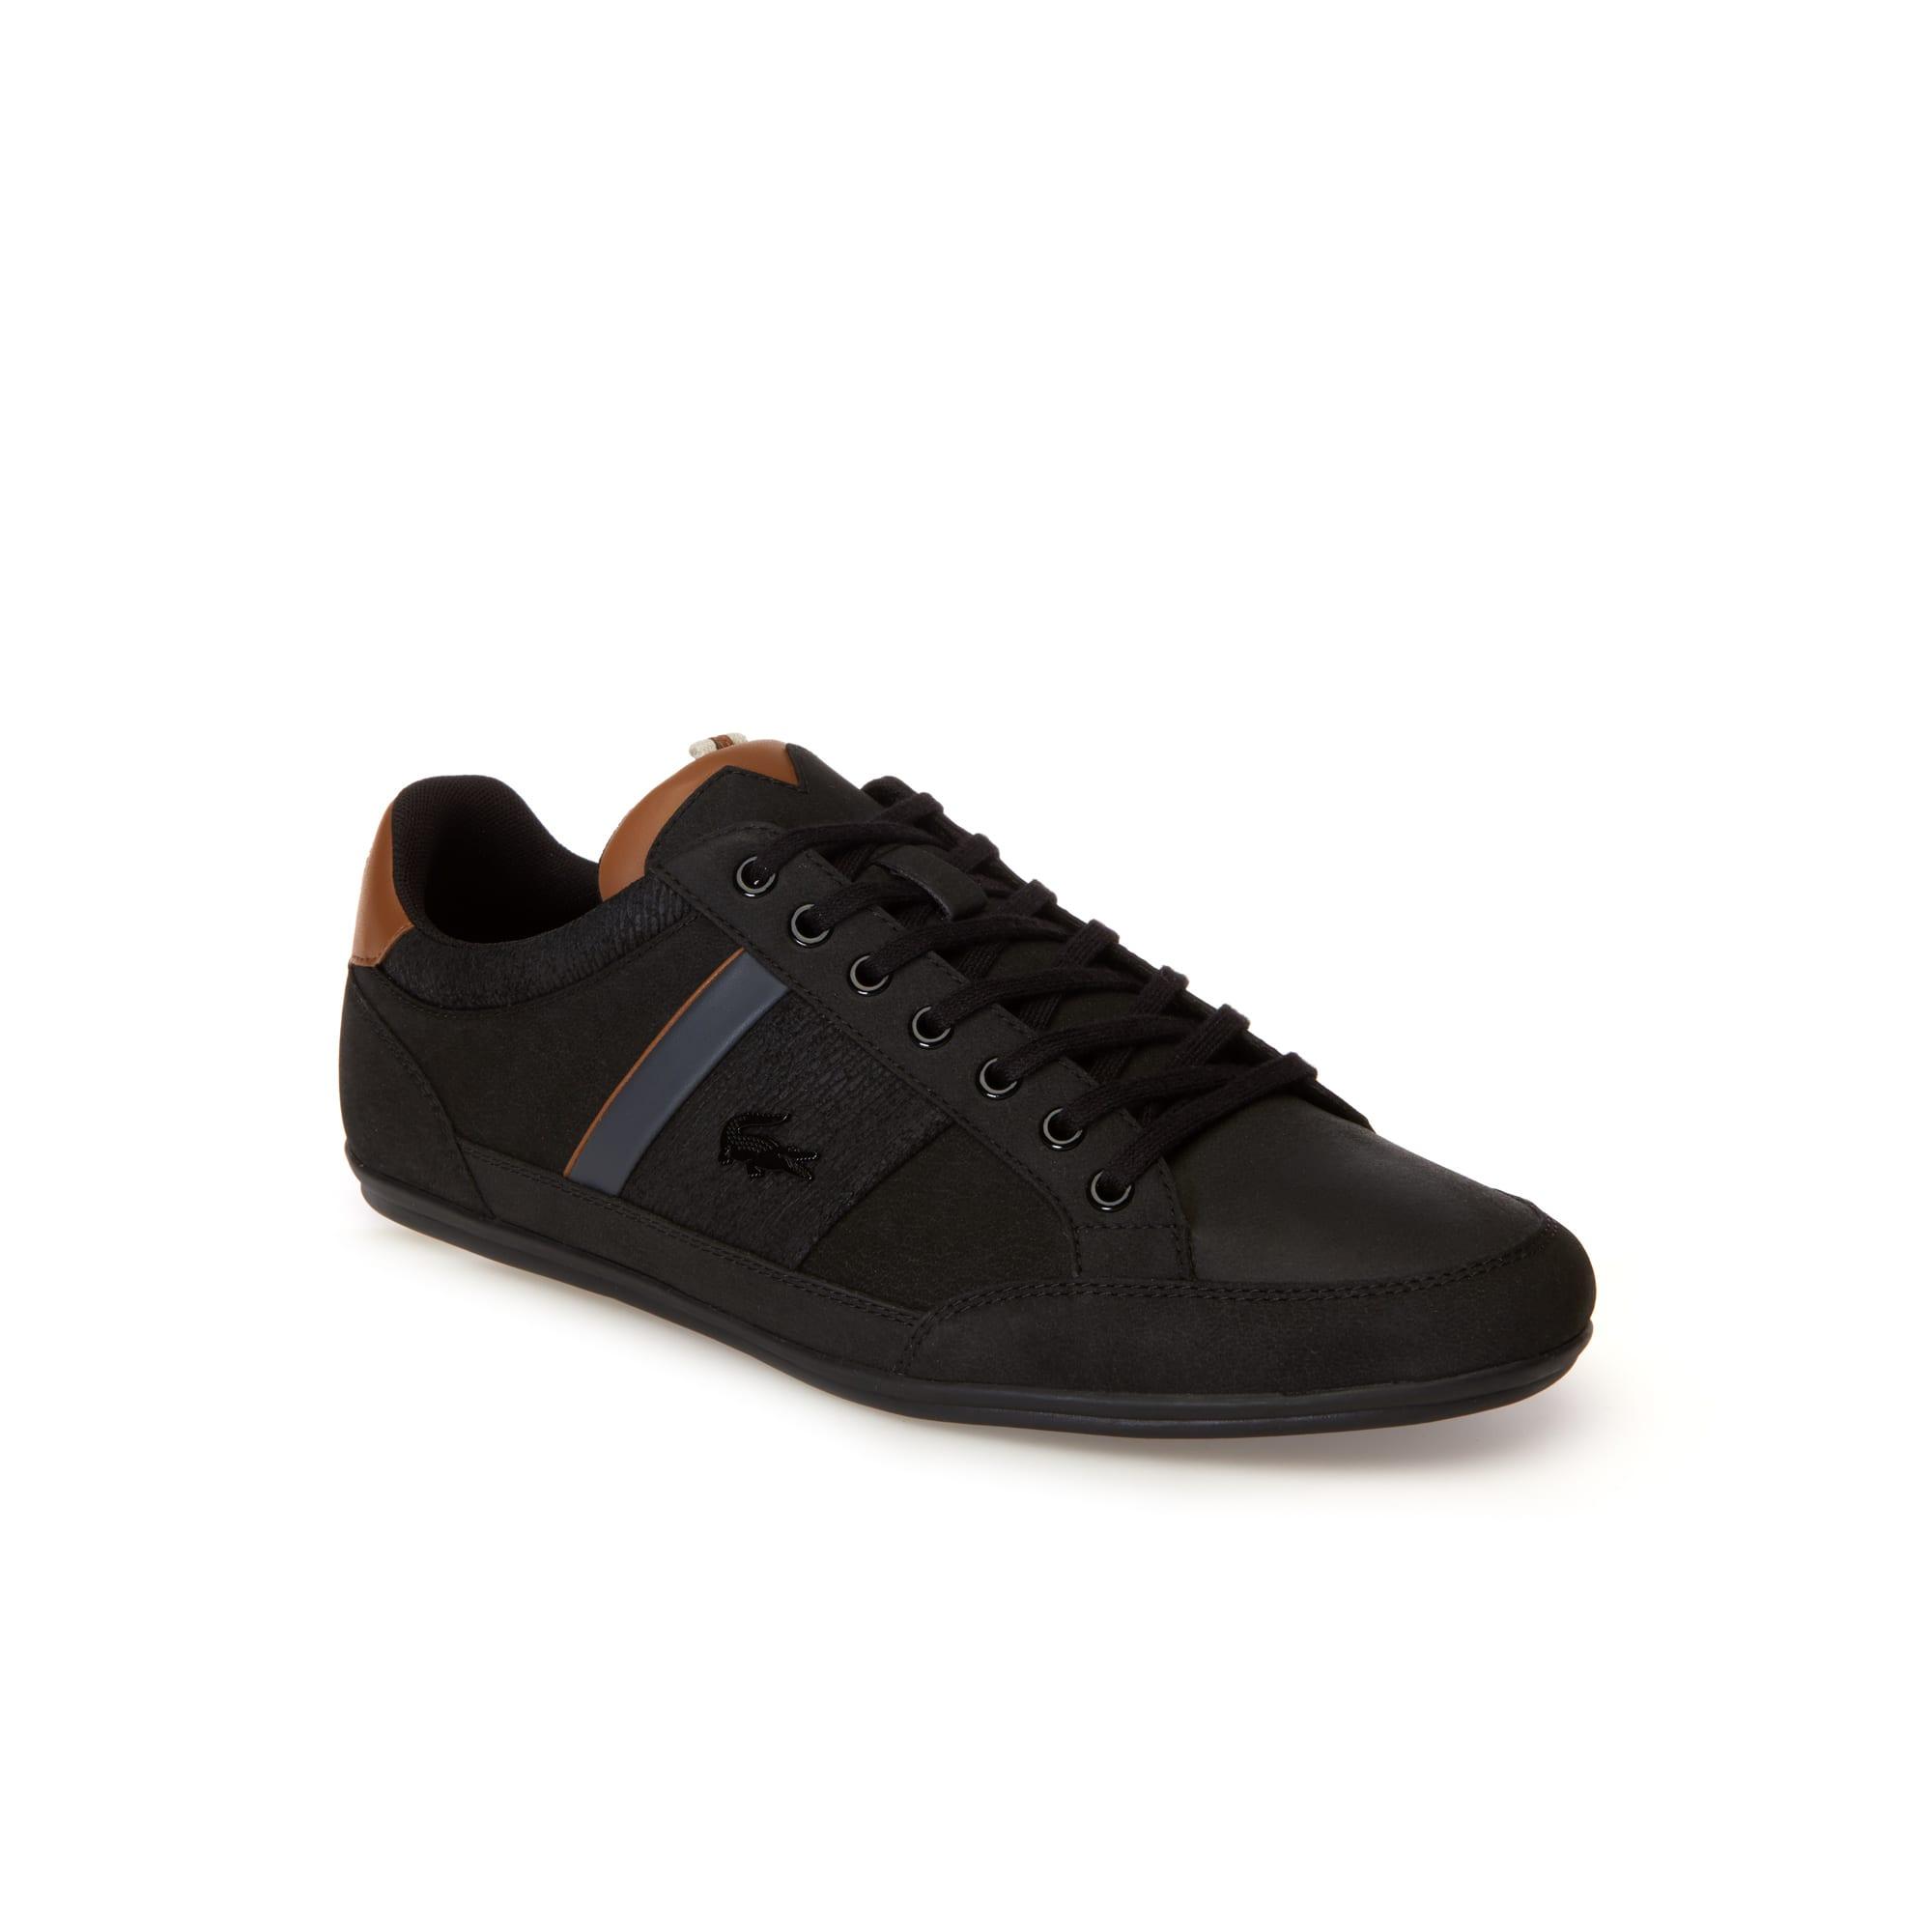 Herren-Sneakers CHAYMON aus Nappaleder und Veloursleder